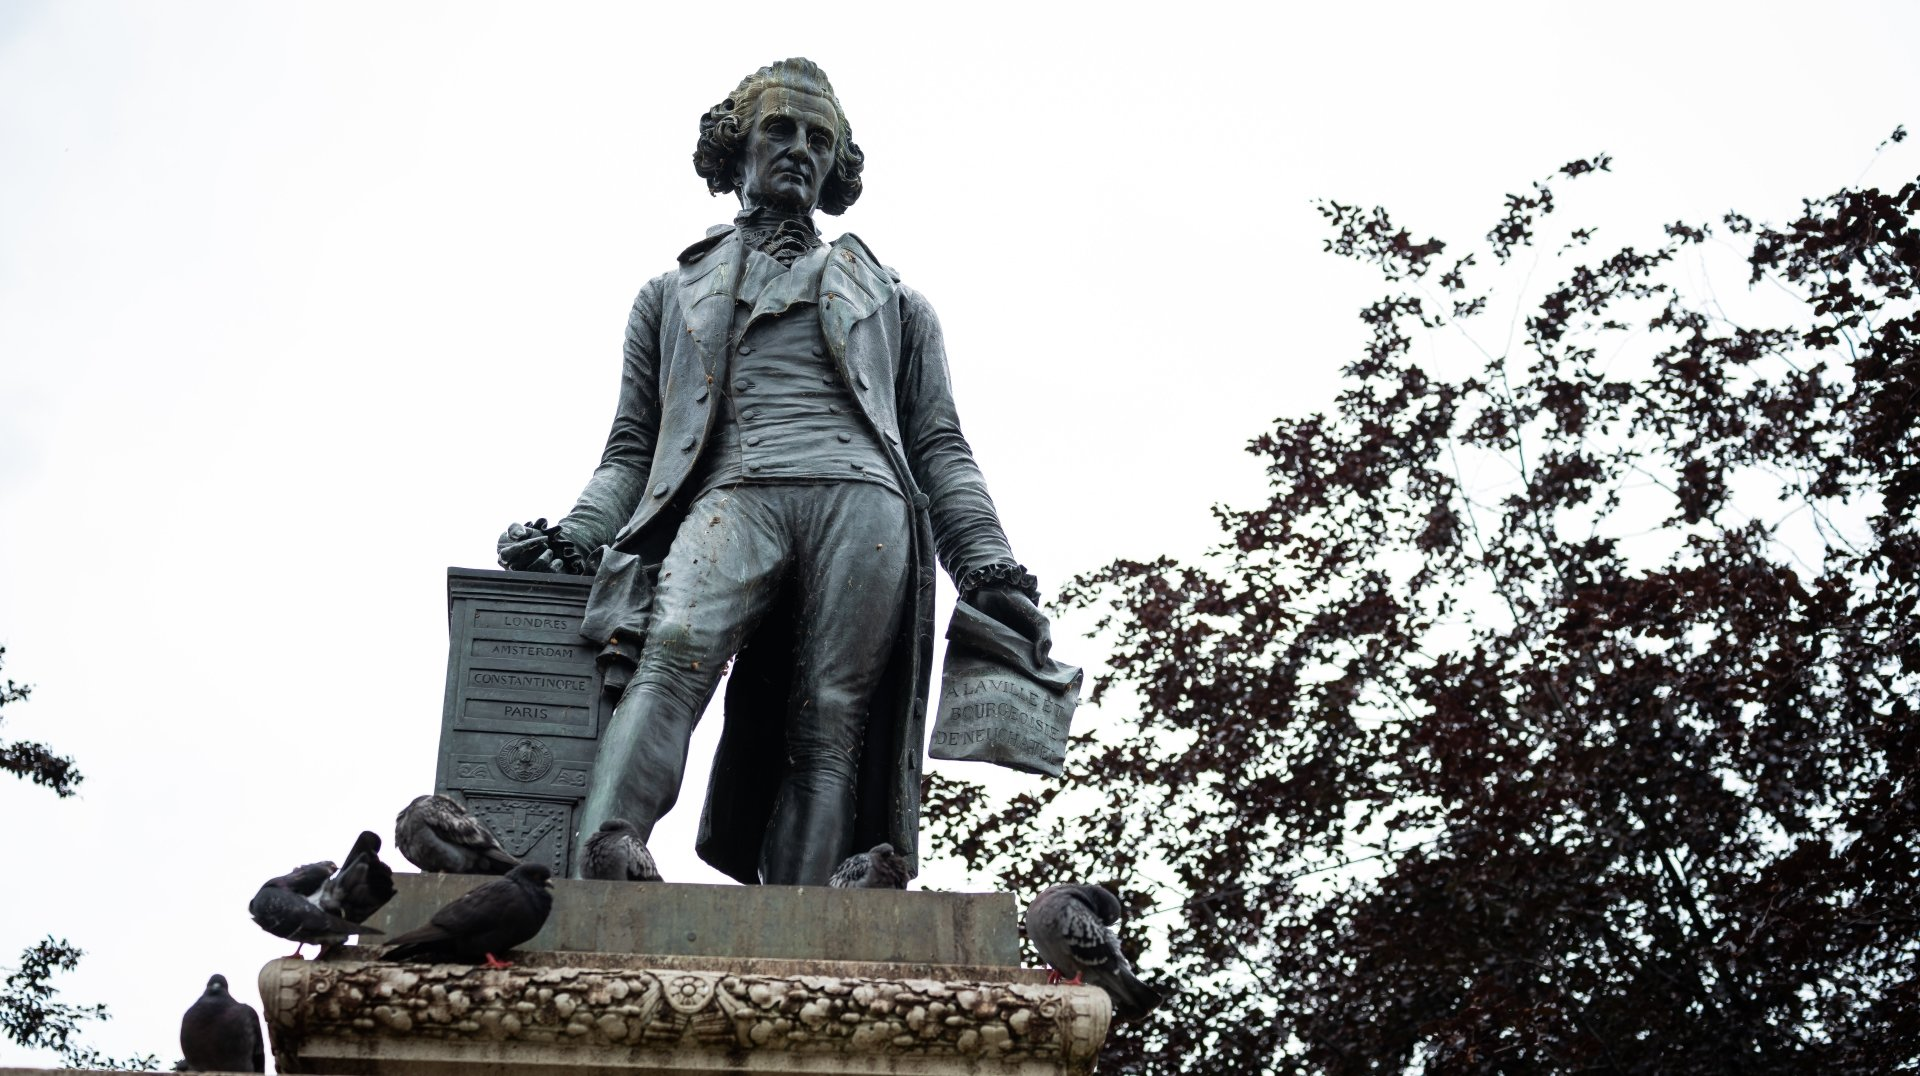 La statue de David de Pury a le sort qu'elle mérite